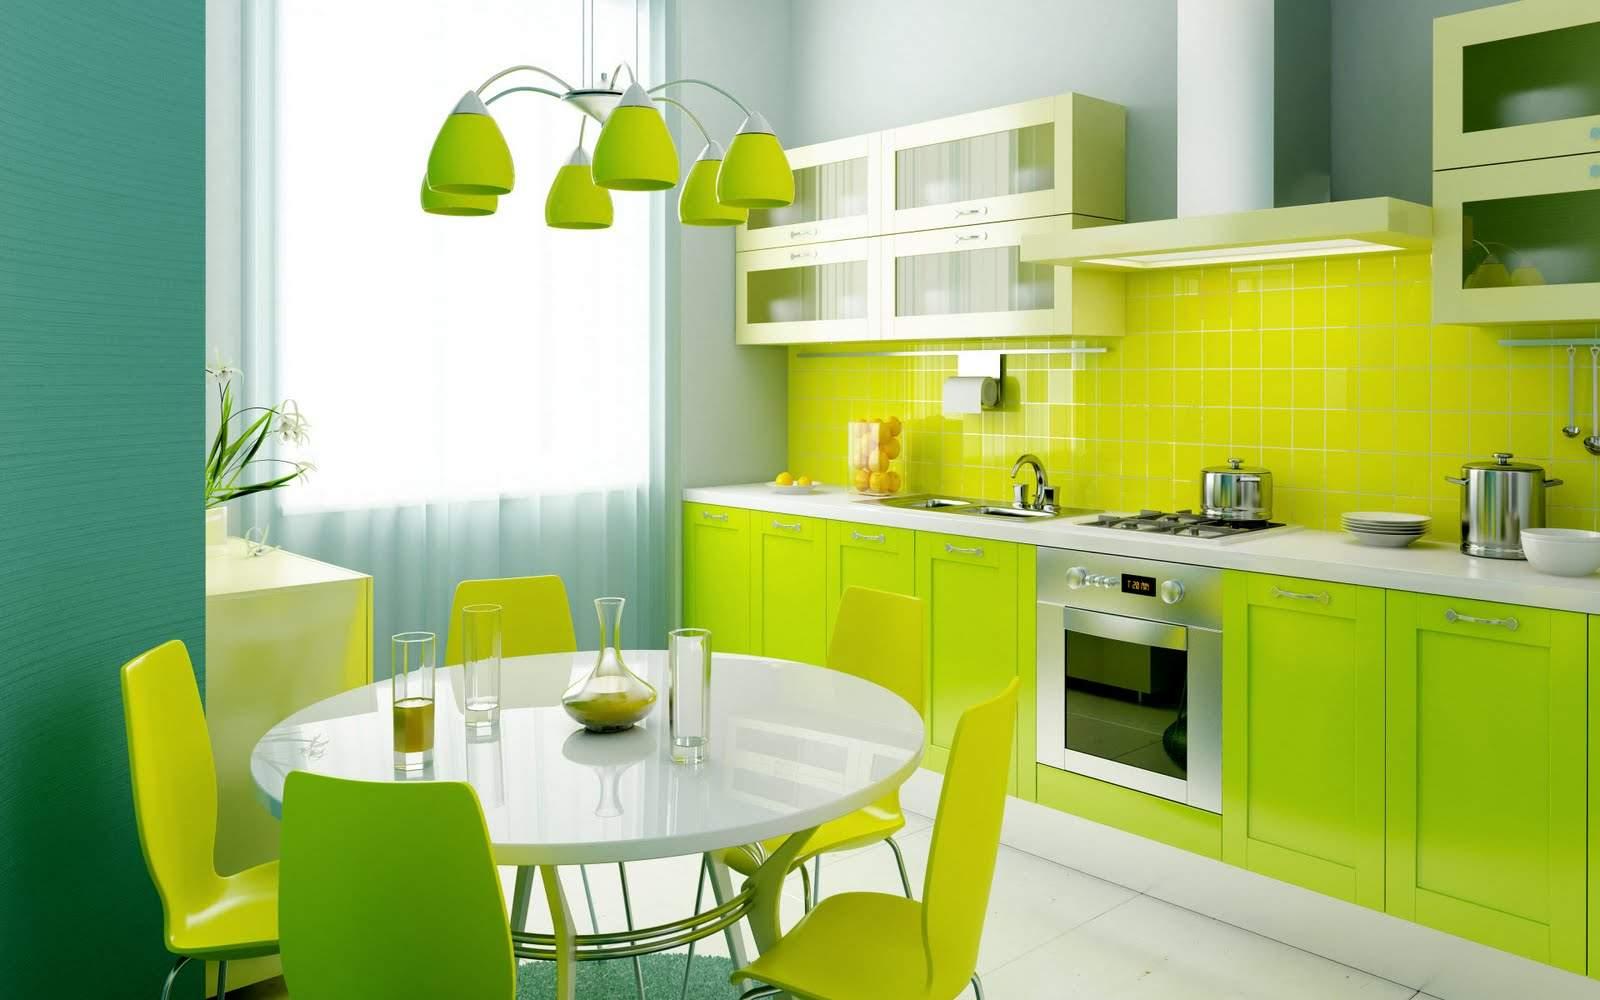 Thiết kế website bán hàng nội thất tại tphcm - Trustweb.vn(1)